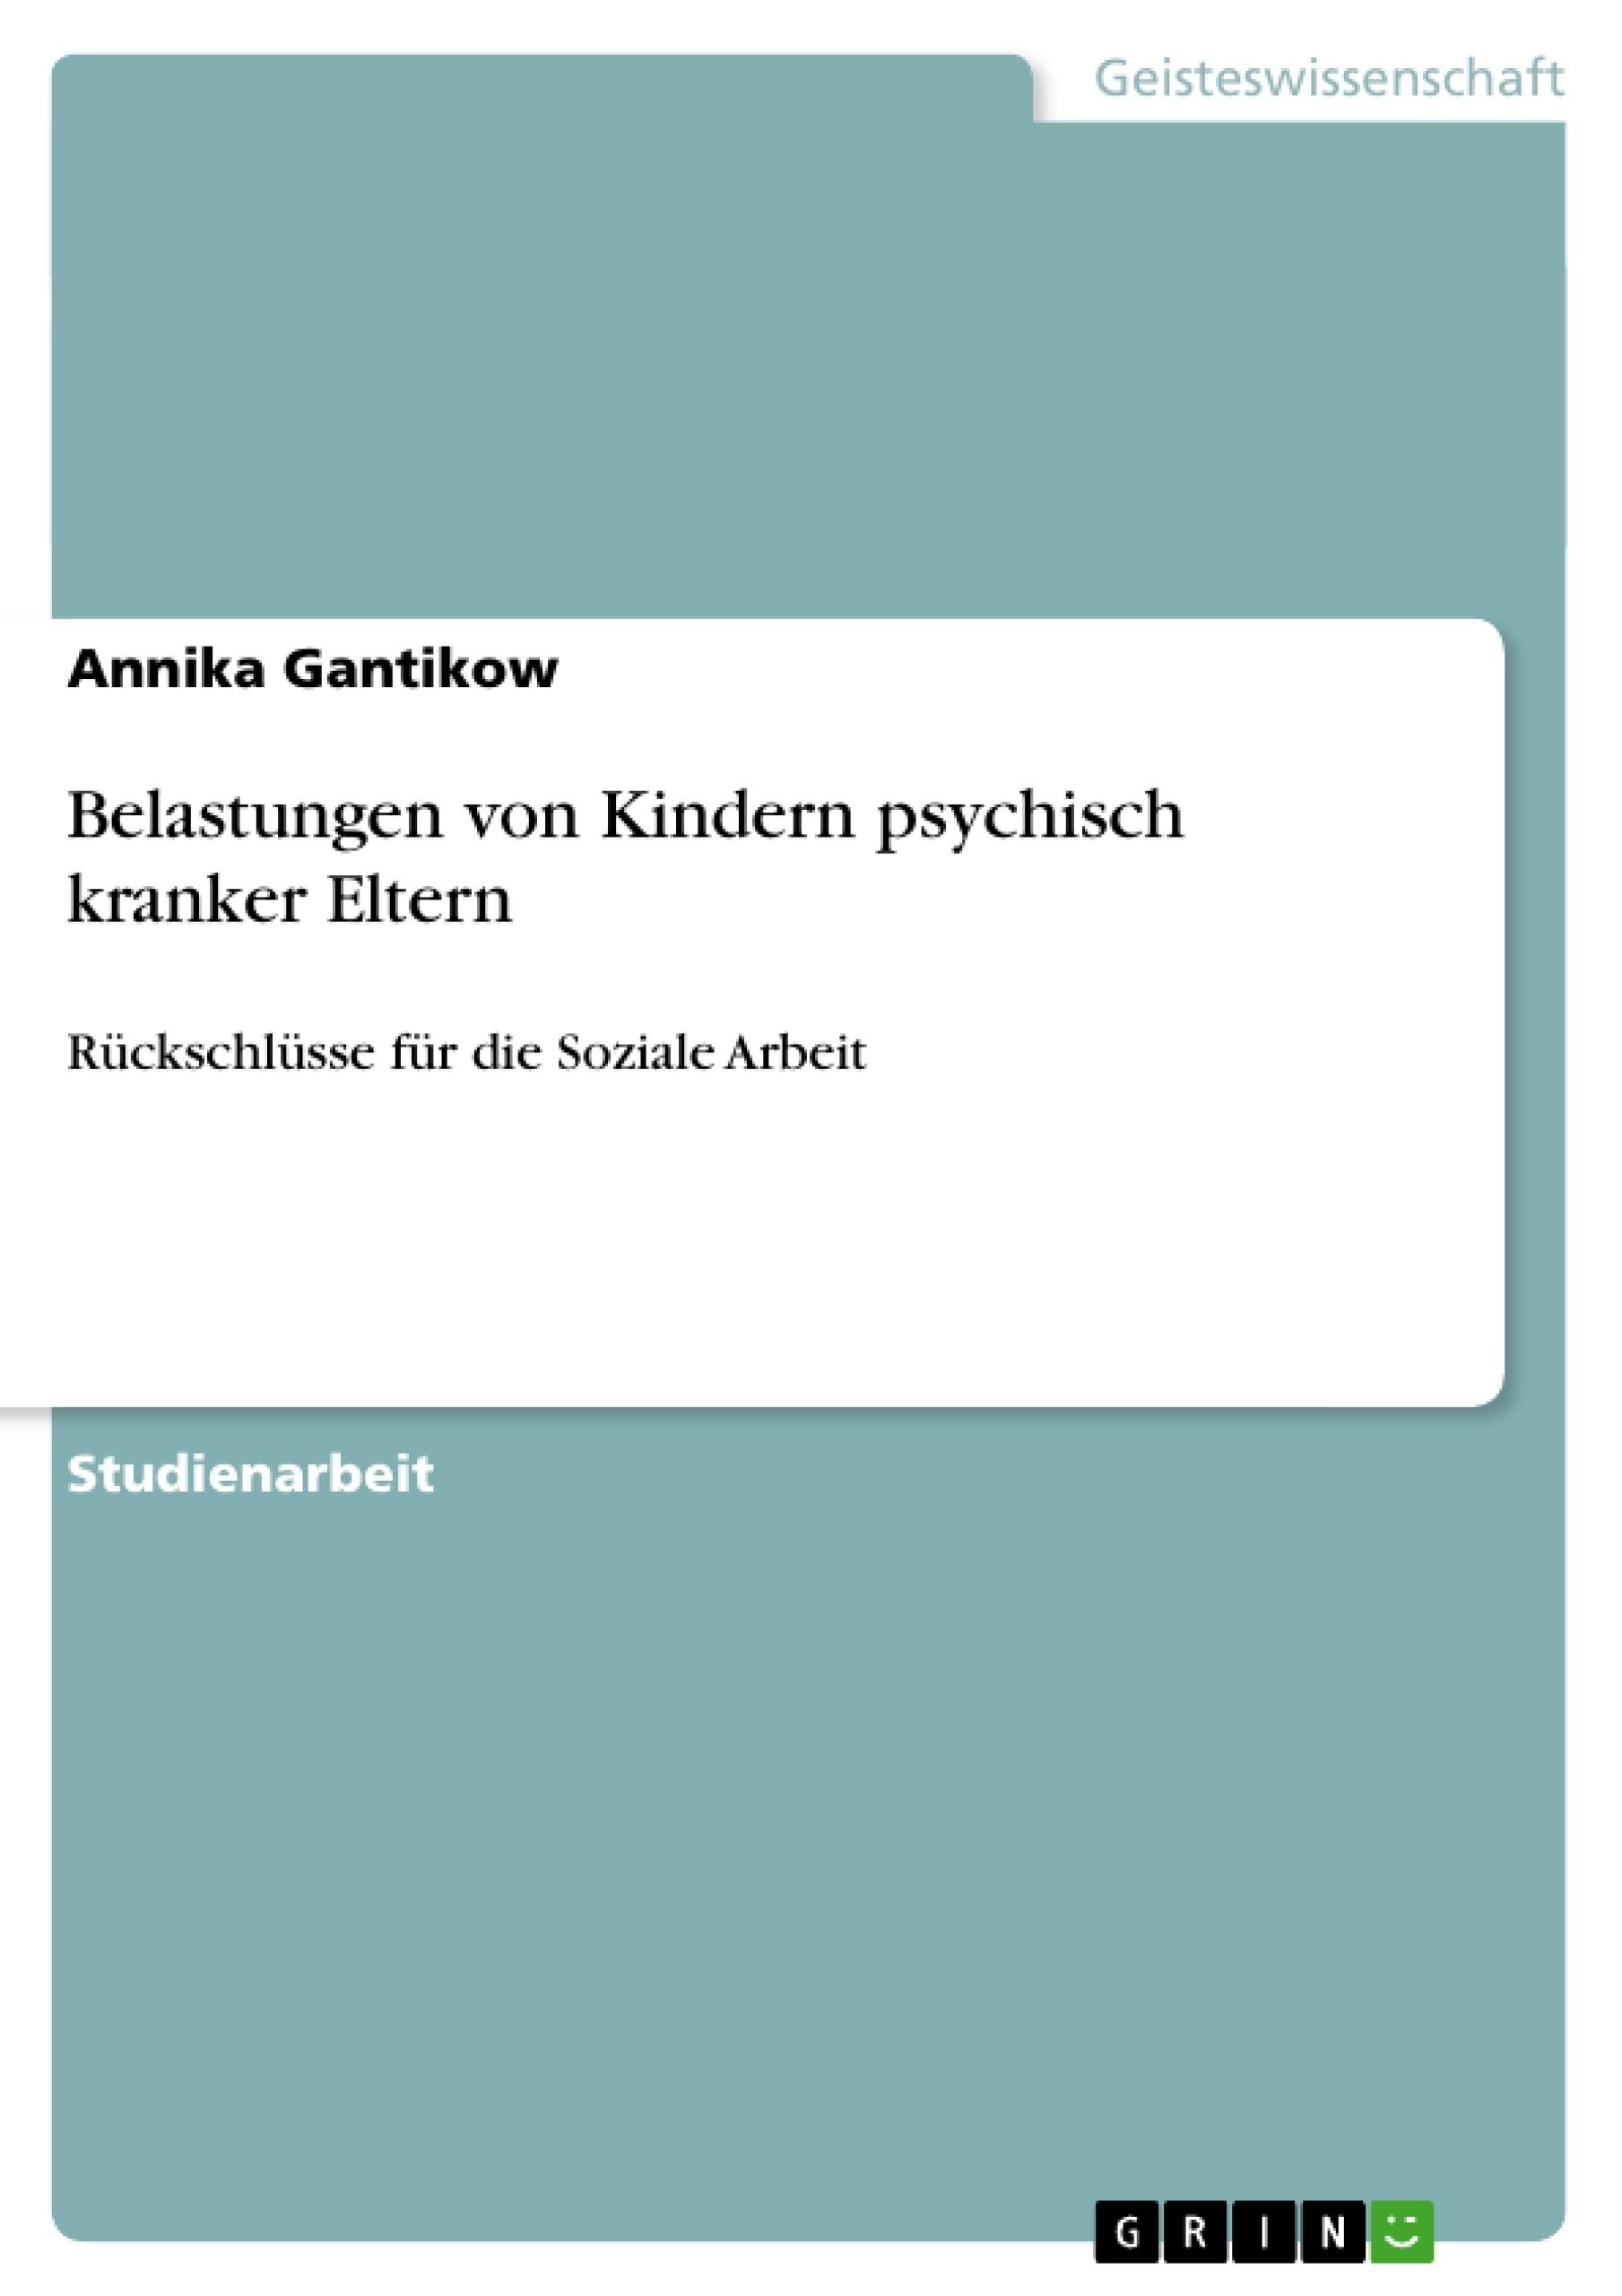 Titel: Belastungen von Kindern psychisch kranker Eltern